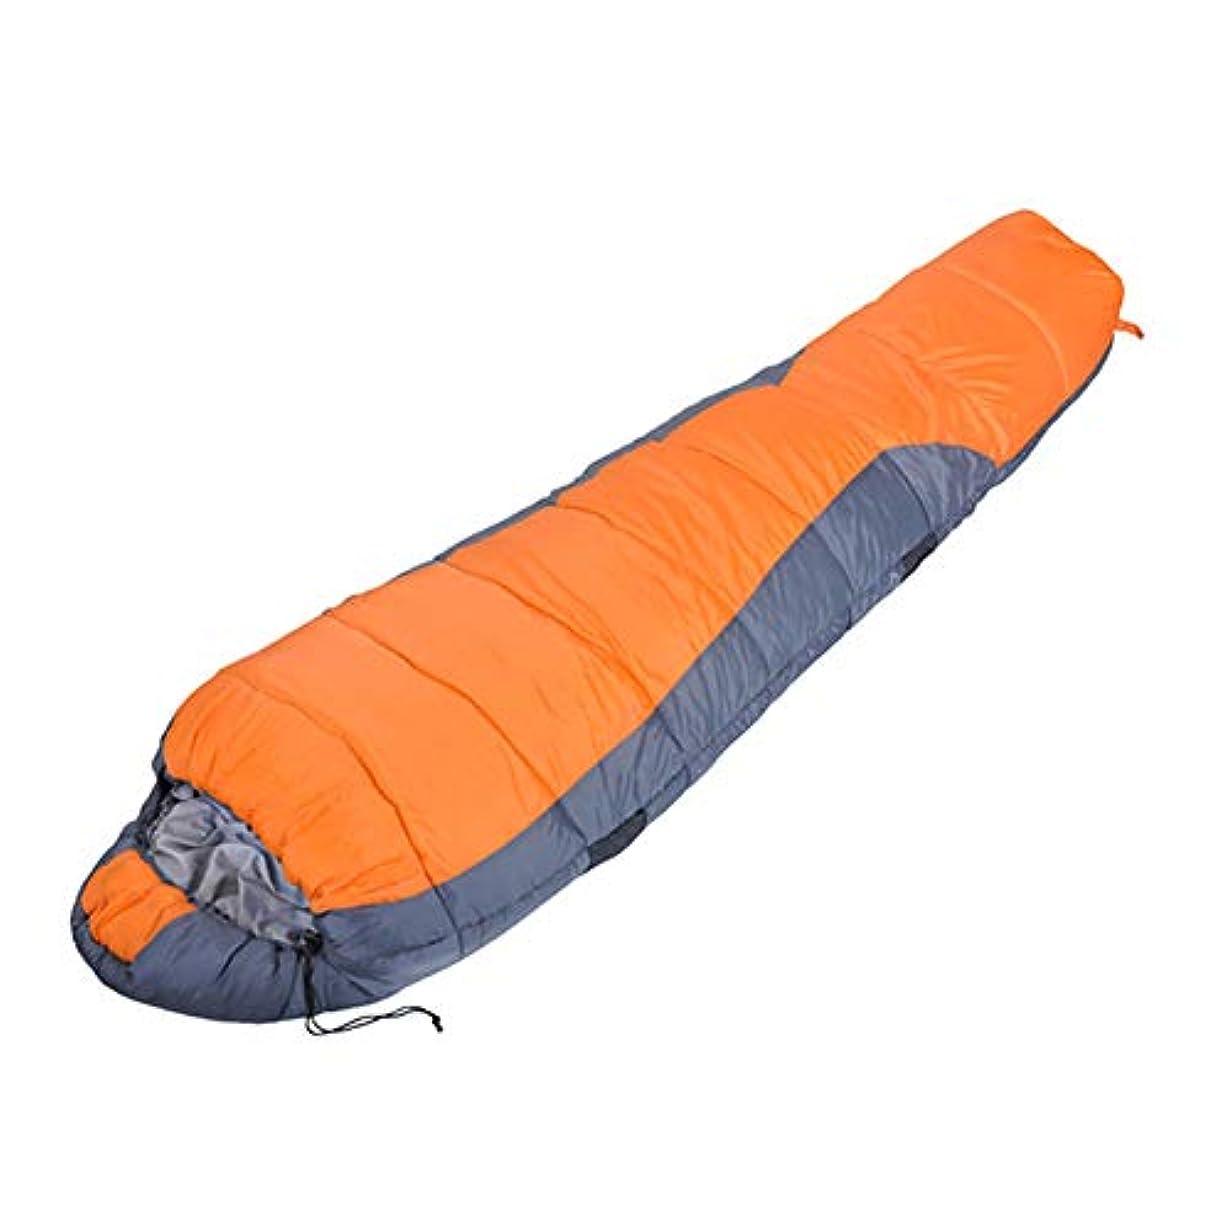 として全く凍るDurable,breathable,comfortableミイラ寝袋、暖かい通気性の睡眠バッグポータブル軽量大人の睡眠パッドキャンプハイキング野外活動,Orange,220*80cm